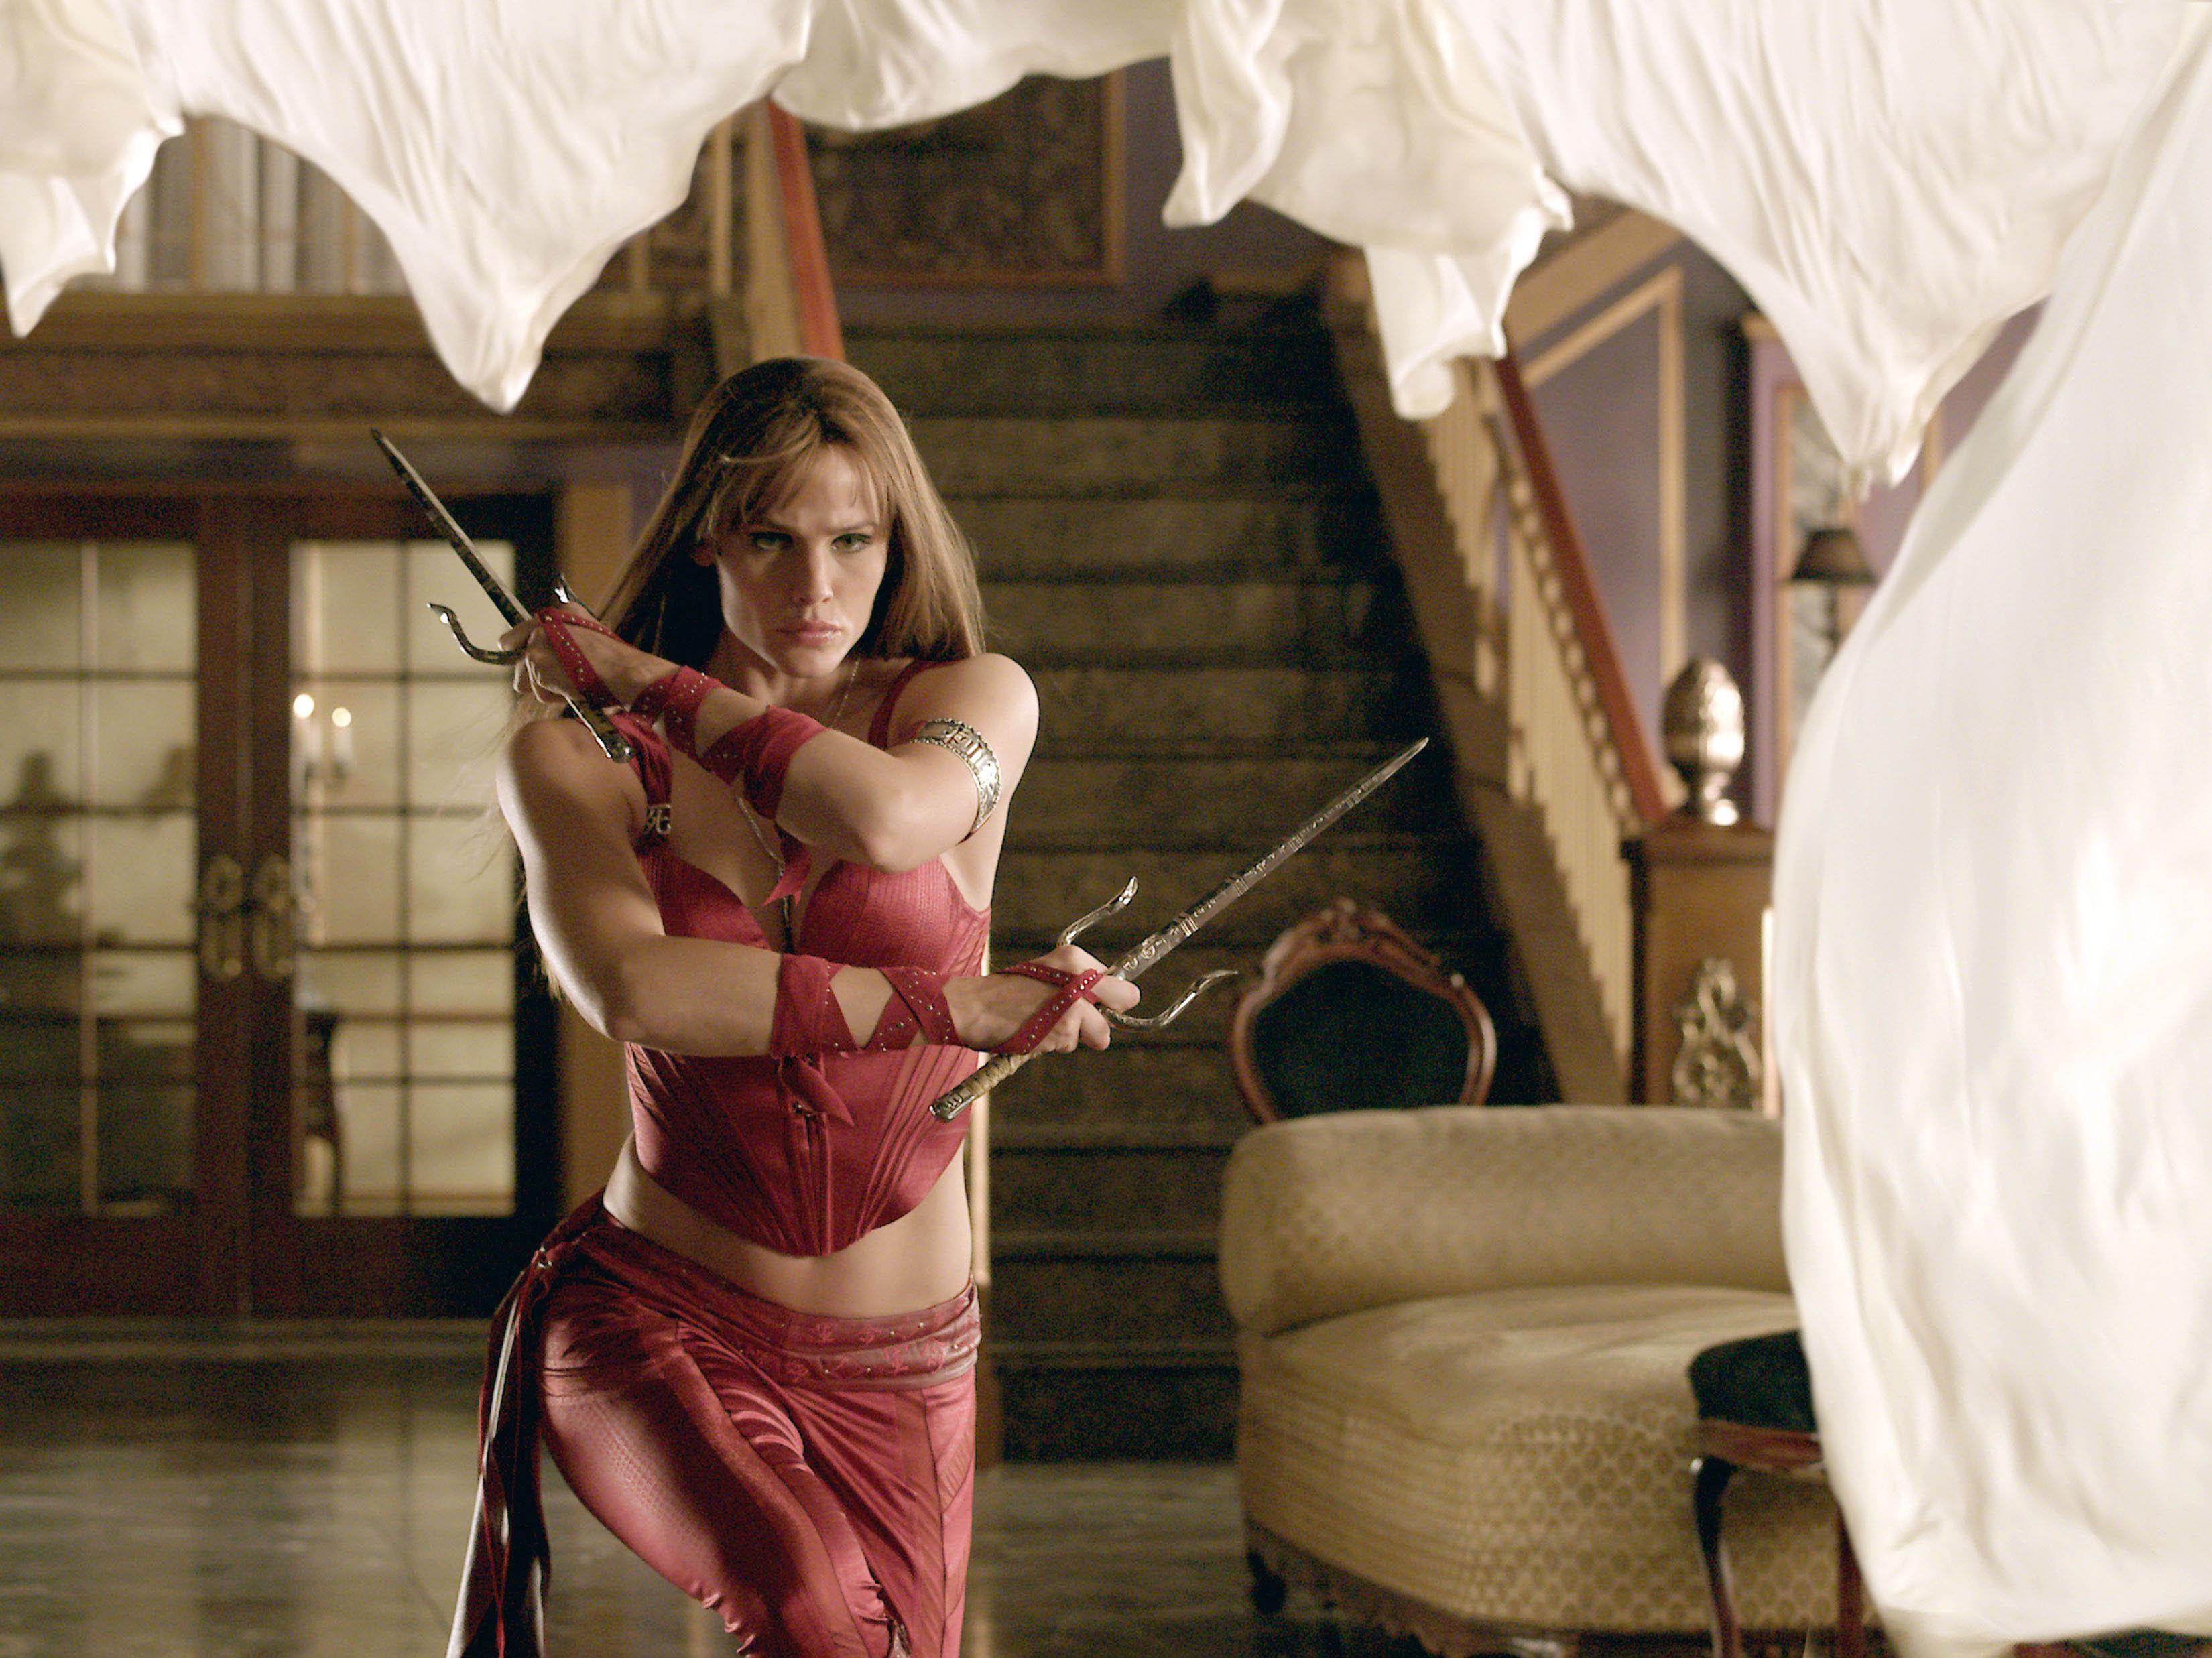 Un wallpaper del film Elektra con l'attrice Jennifer Garner